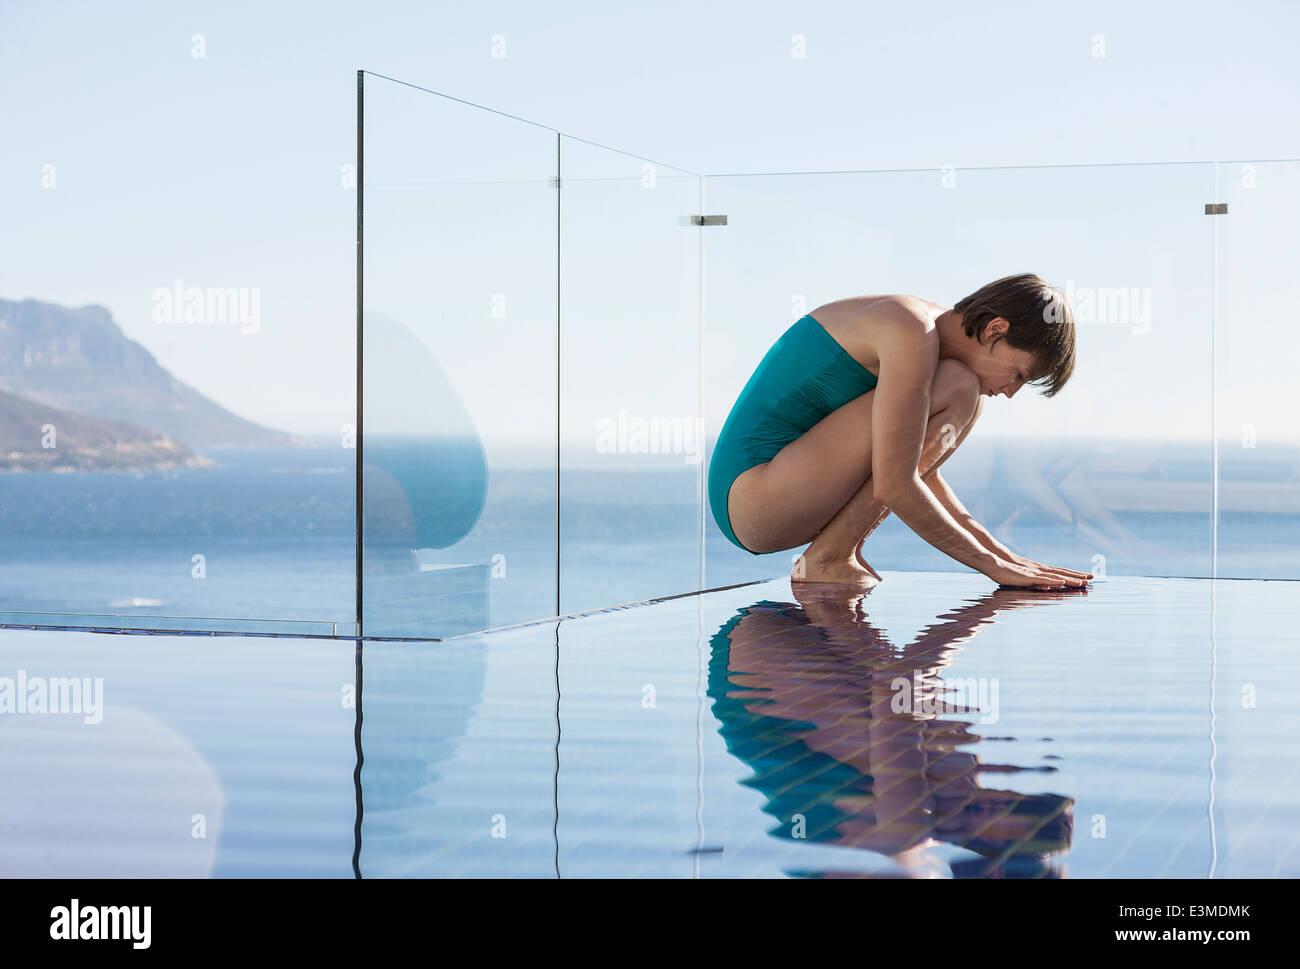 Donna accovacciata oltre la piscina a sfioro con vista oceano Foto Stock